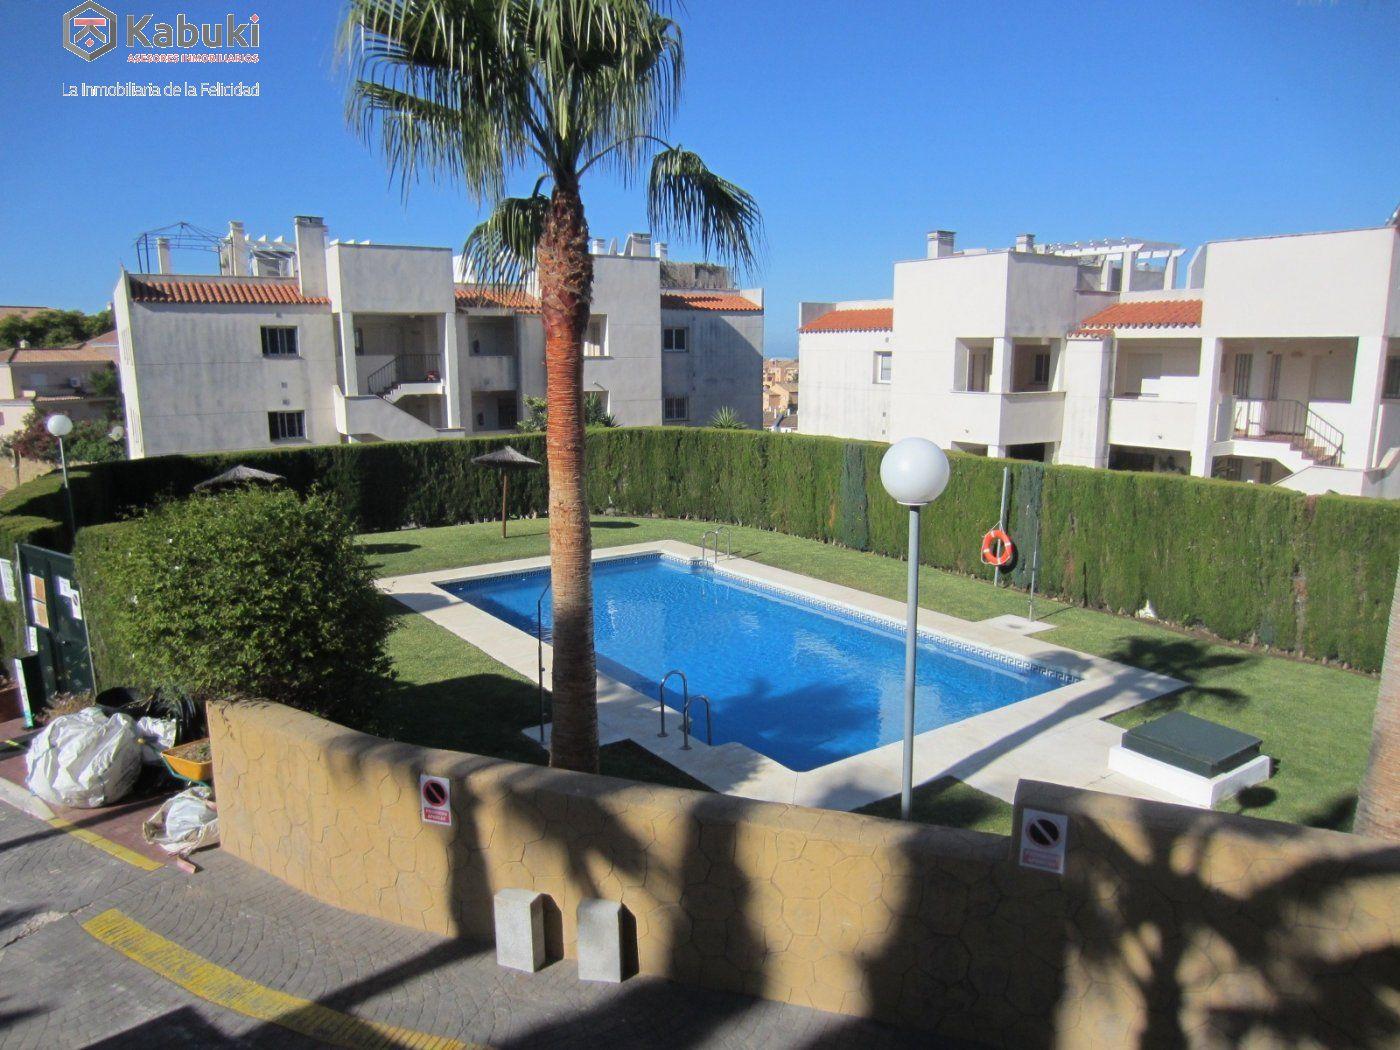 Coqueto apartamento en mijas, a un paso del mar. en urbanización con piscina. - imagenInmueble14